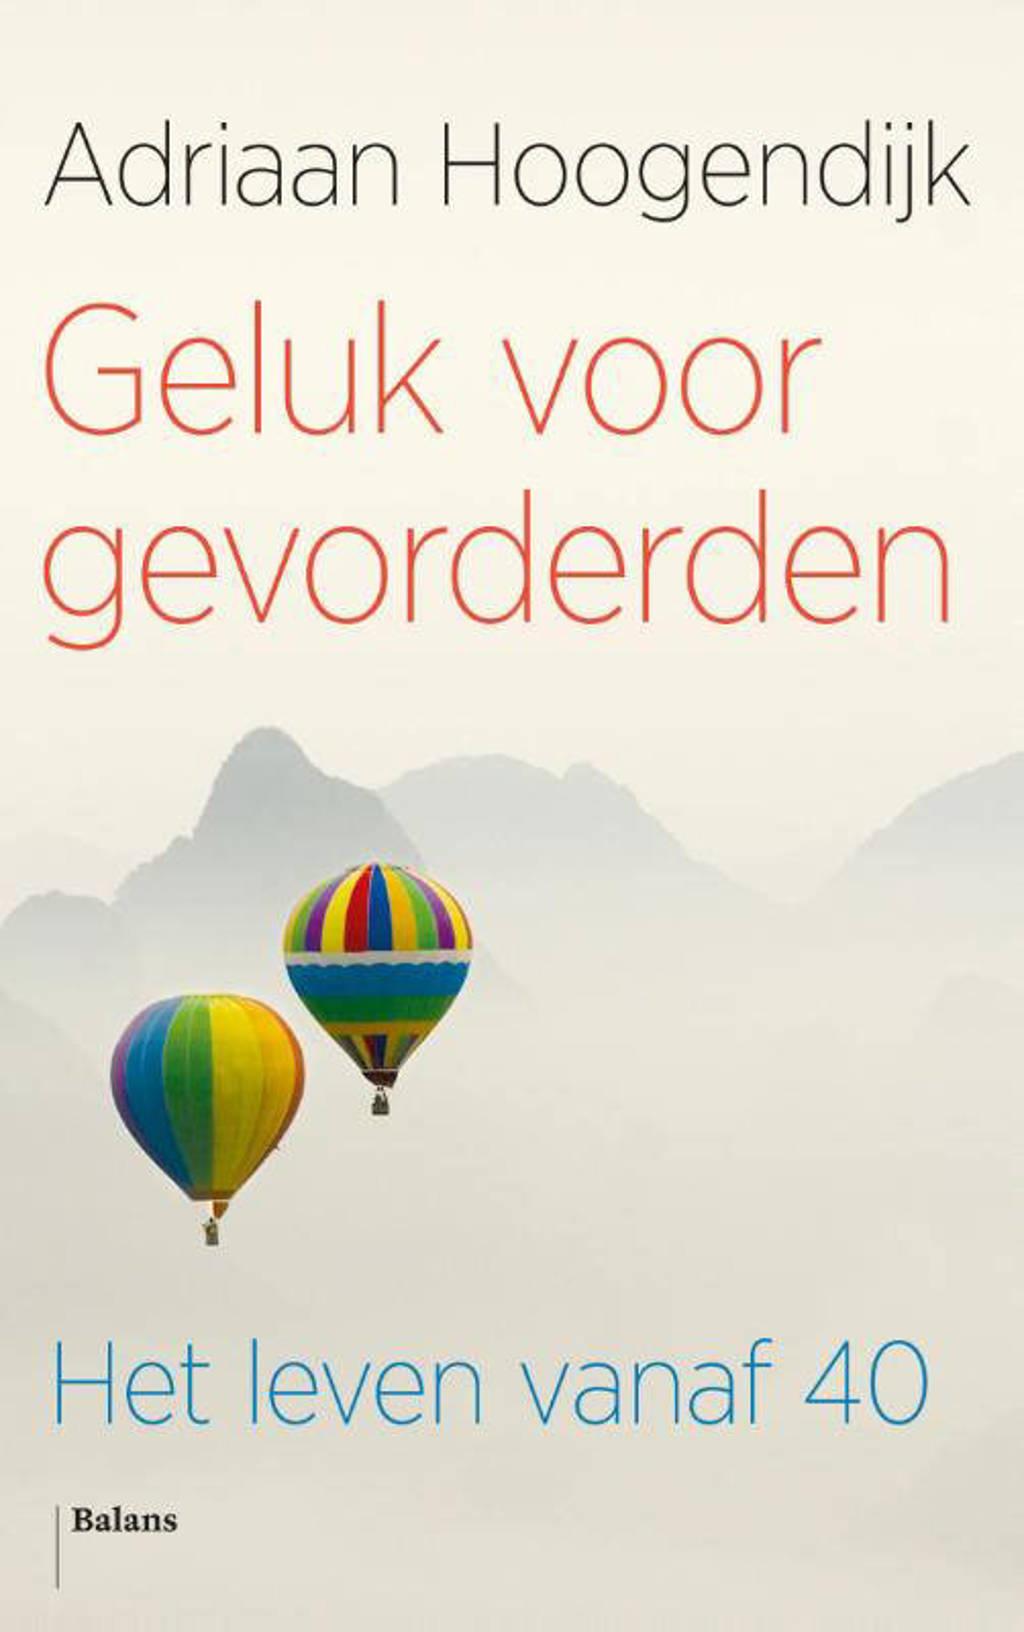 Geluk voor gevorderden - Adriaan Hoogendijk